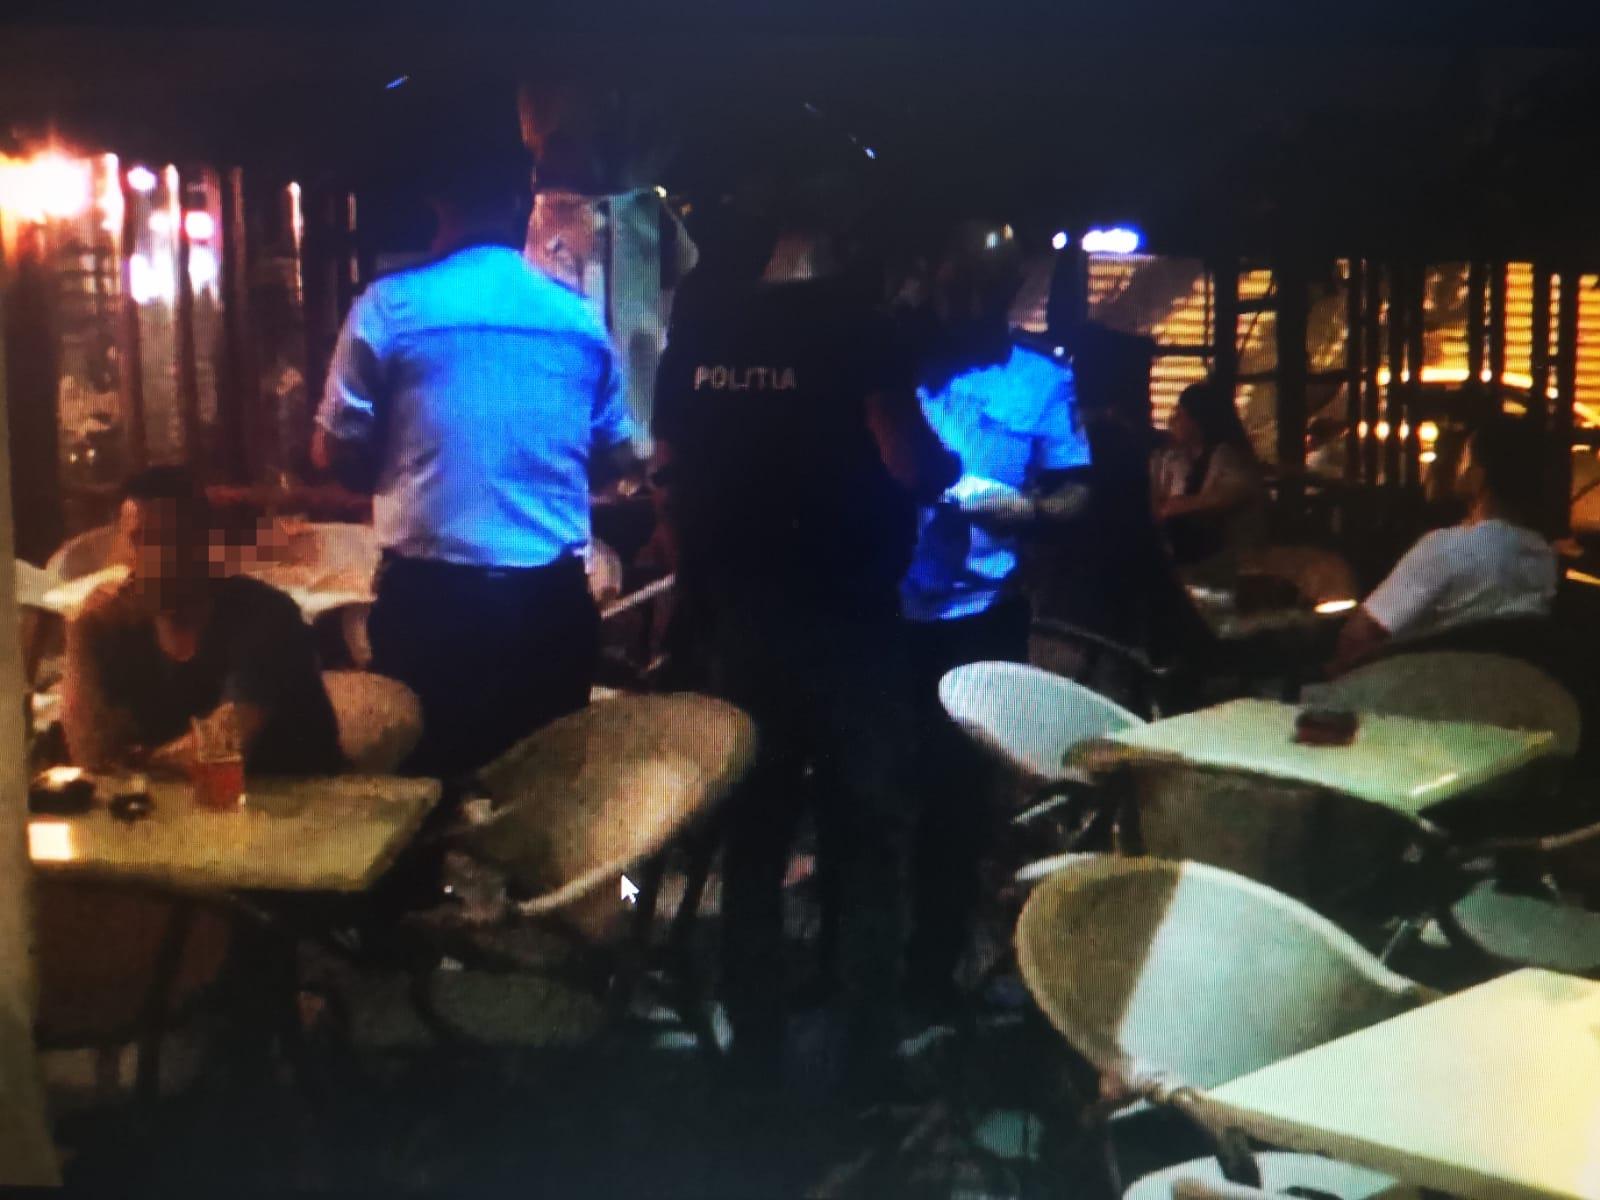 Razie a polițiștilor, în Timișoara și în localitățile limitrofe